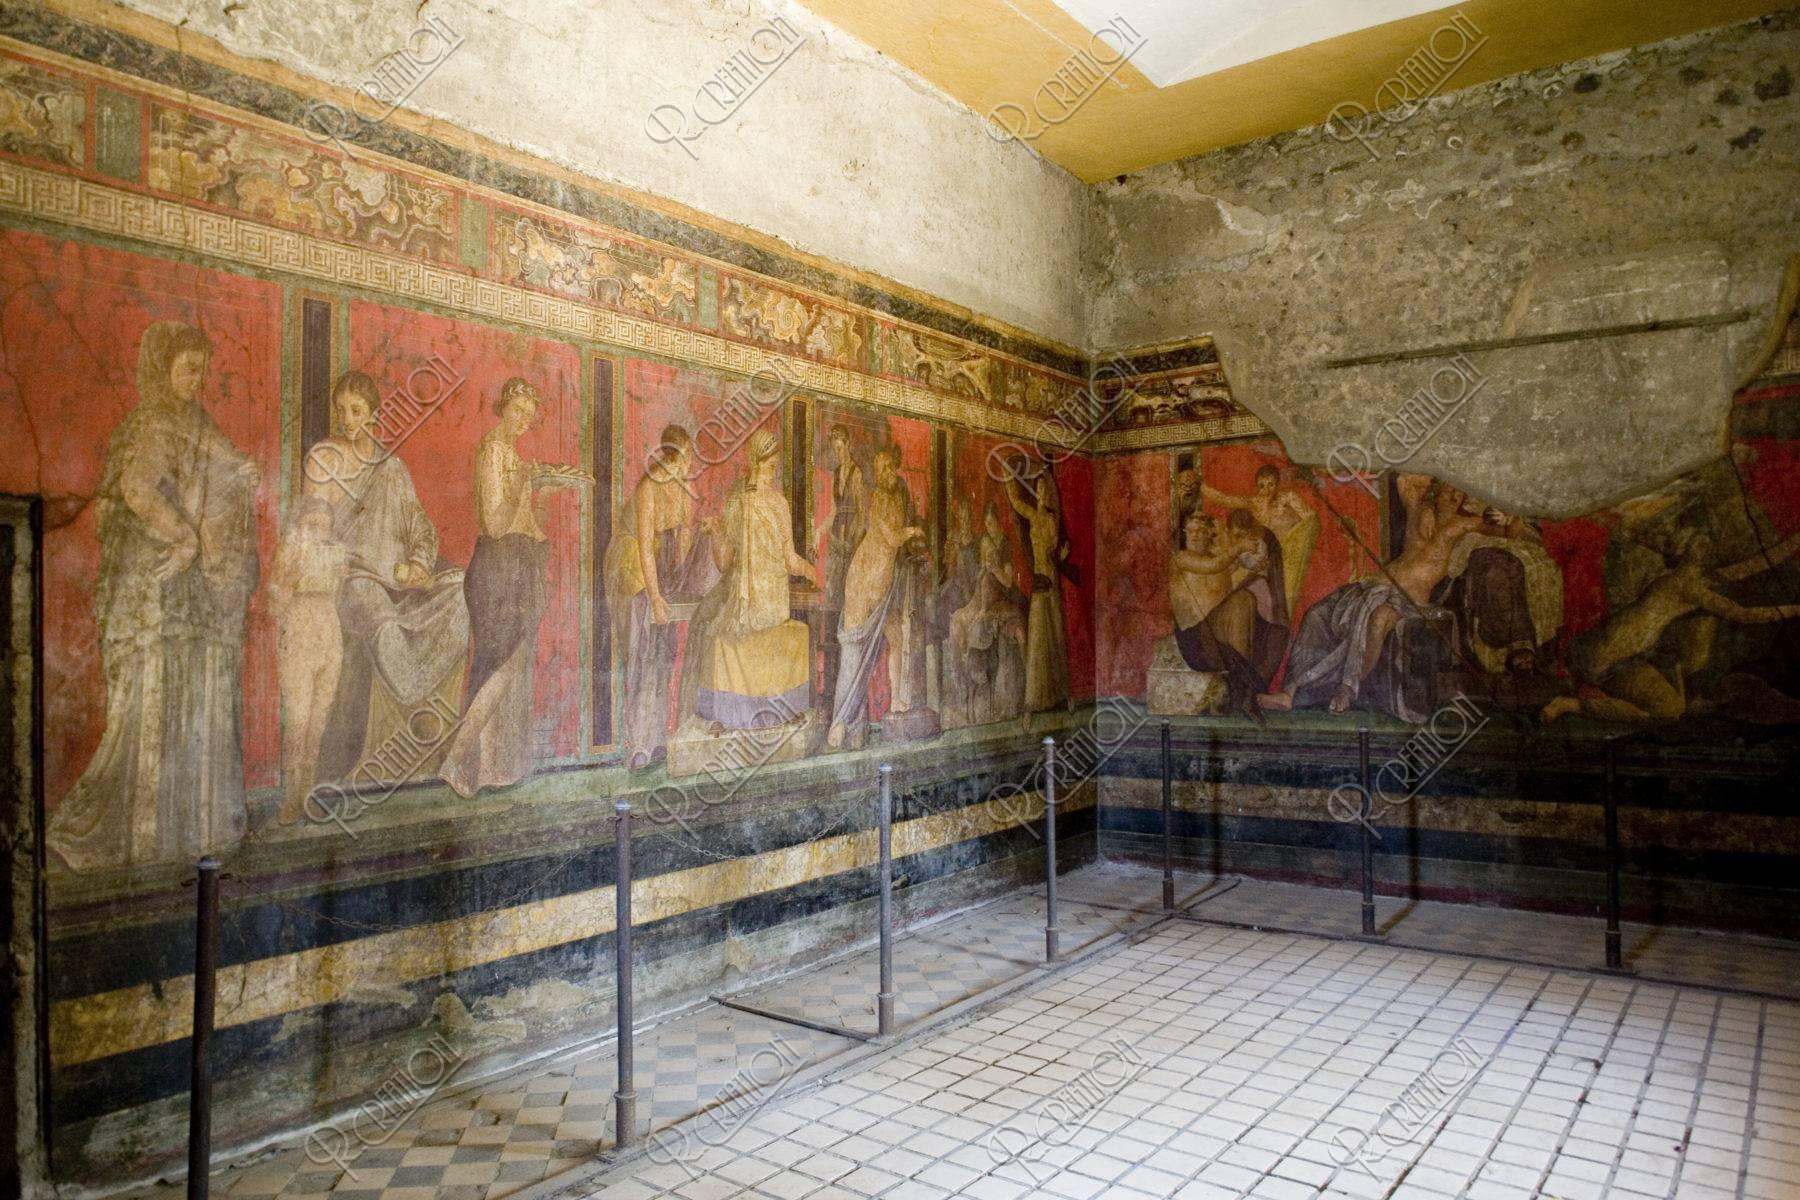 秘儀荘の壁画 W